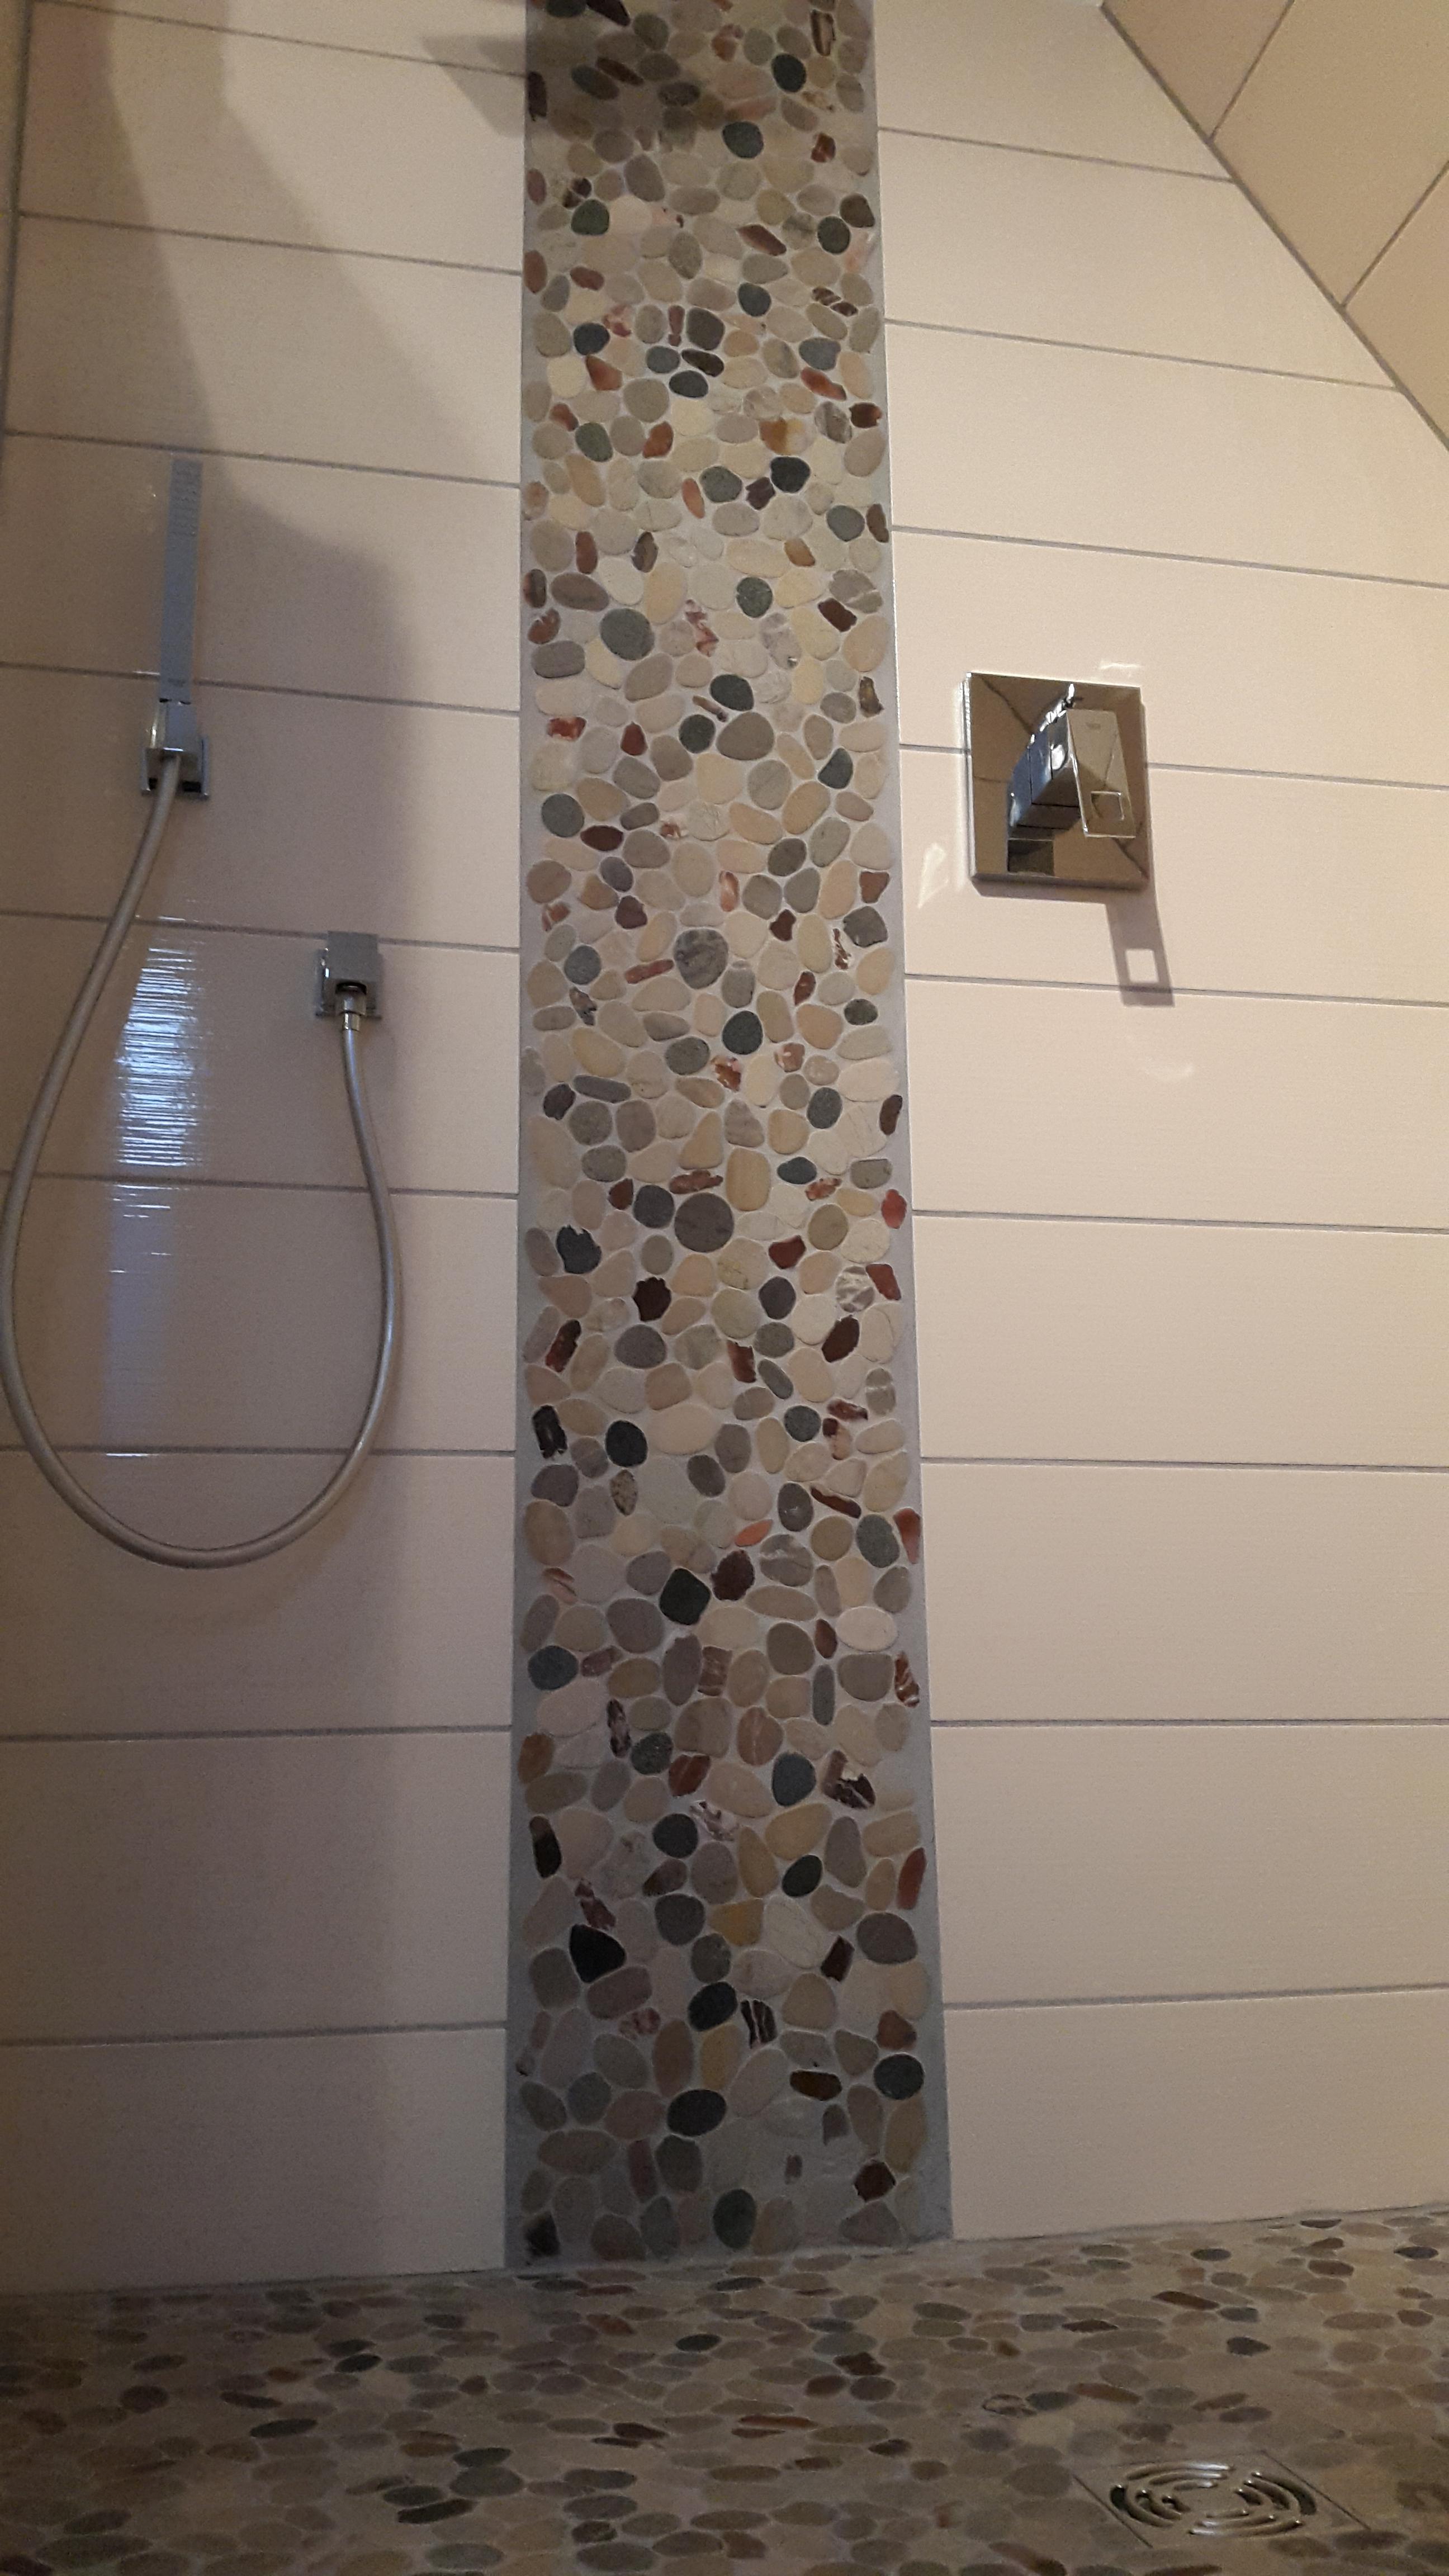 Dusche Mit Bodenablauf, Flusssteinmosaik :: Fliesenonkel Fliesen Mosaik Dusche